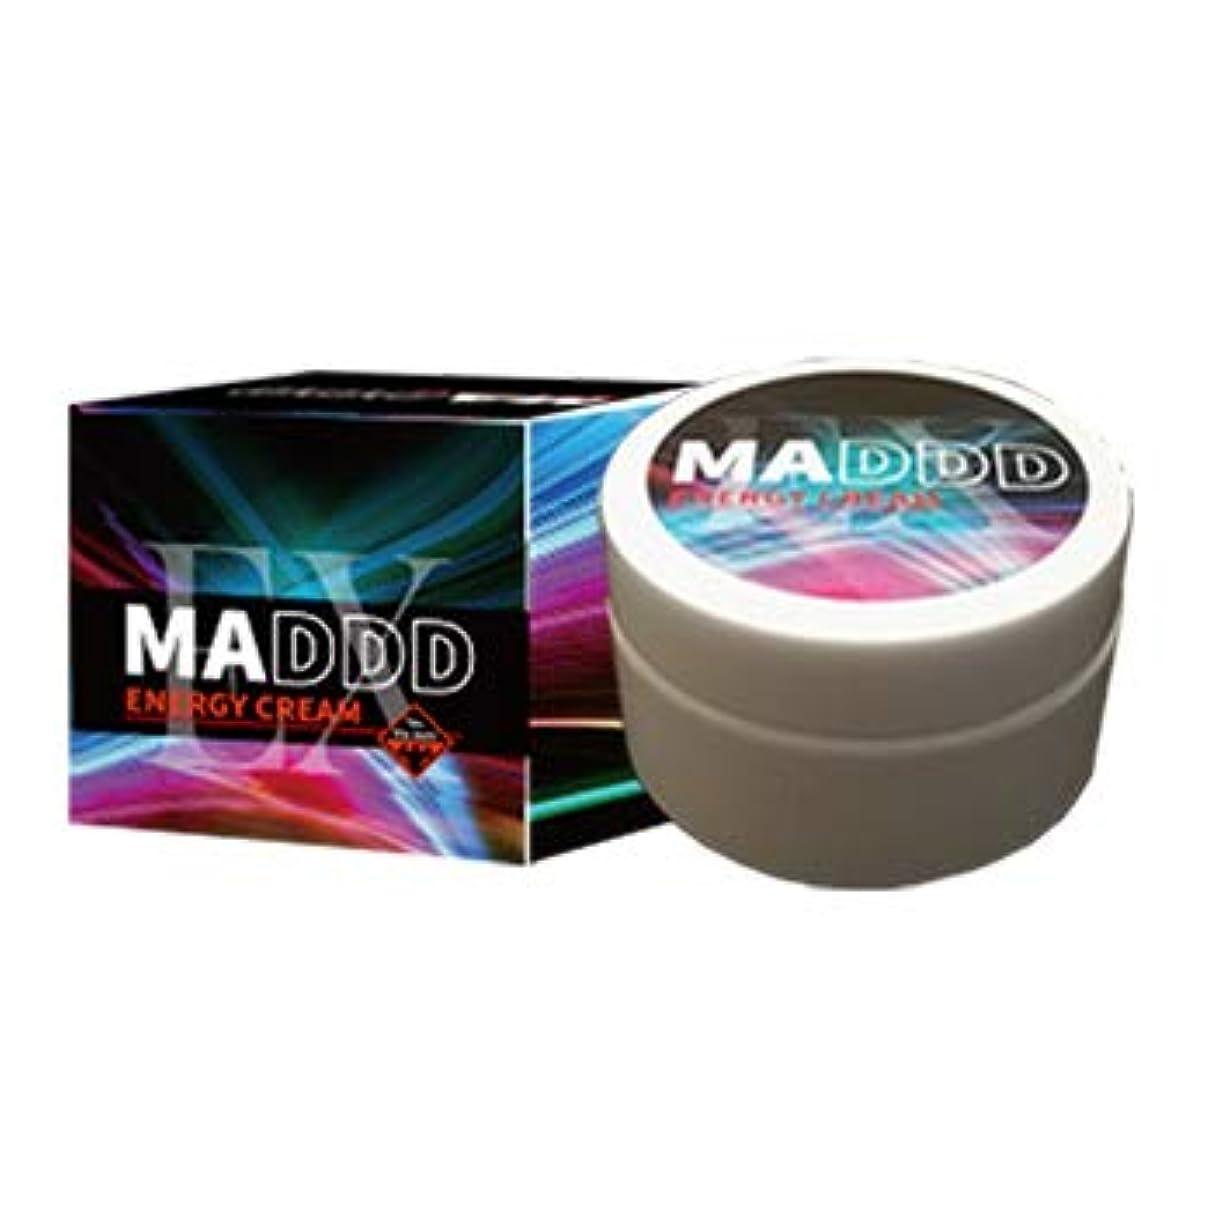 決済捧げる可愛いMADDD EX 増大クリーム ボディクリーム 自信 持続力 厳選成分 50g (単品購入)